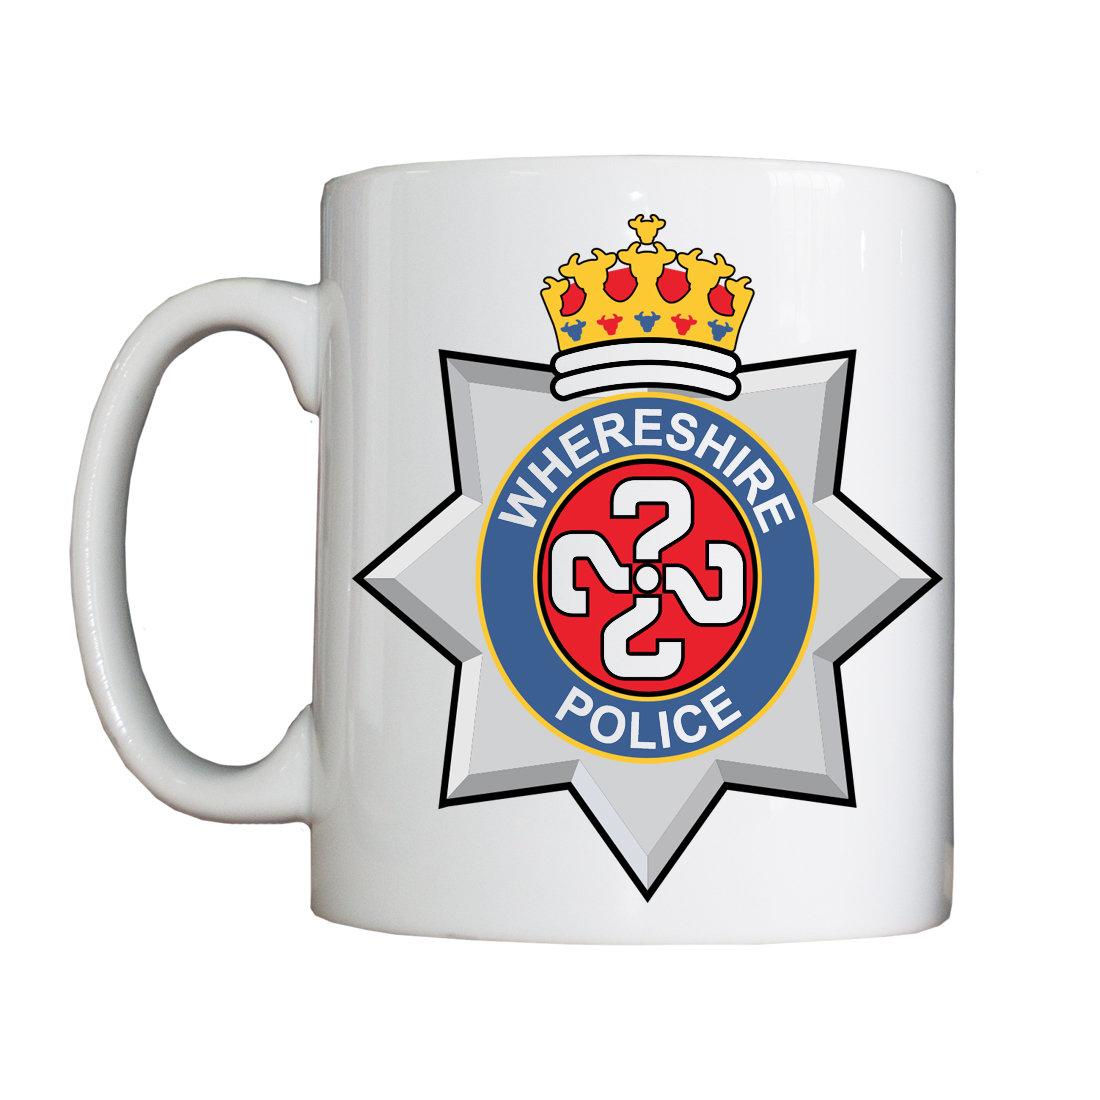 Personalised 'Whereshire' Mug